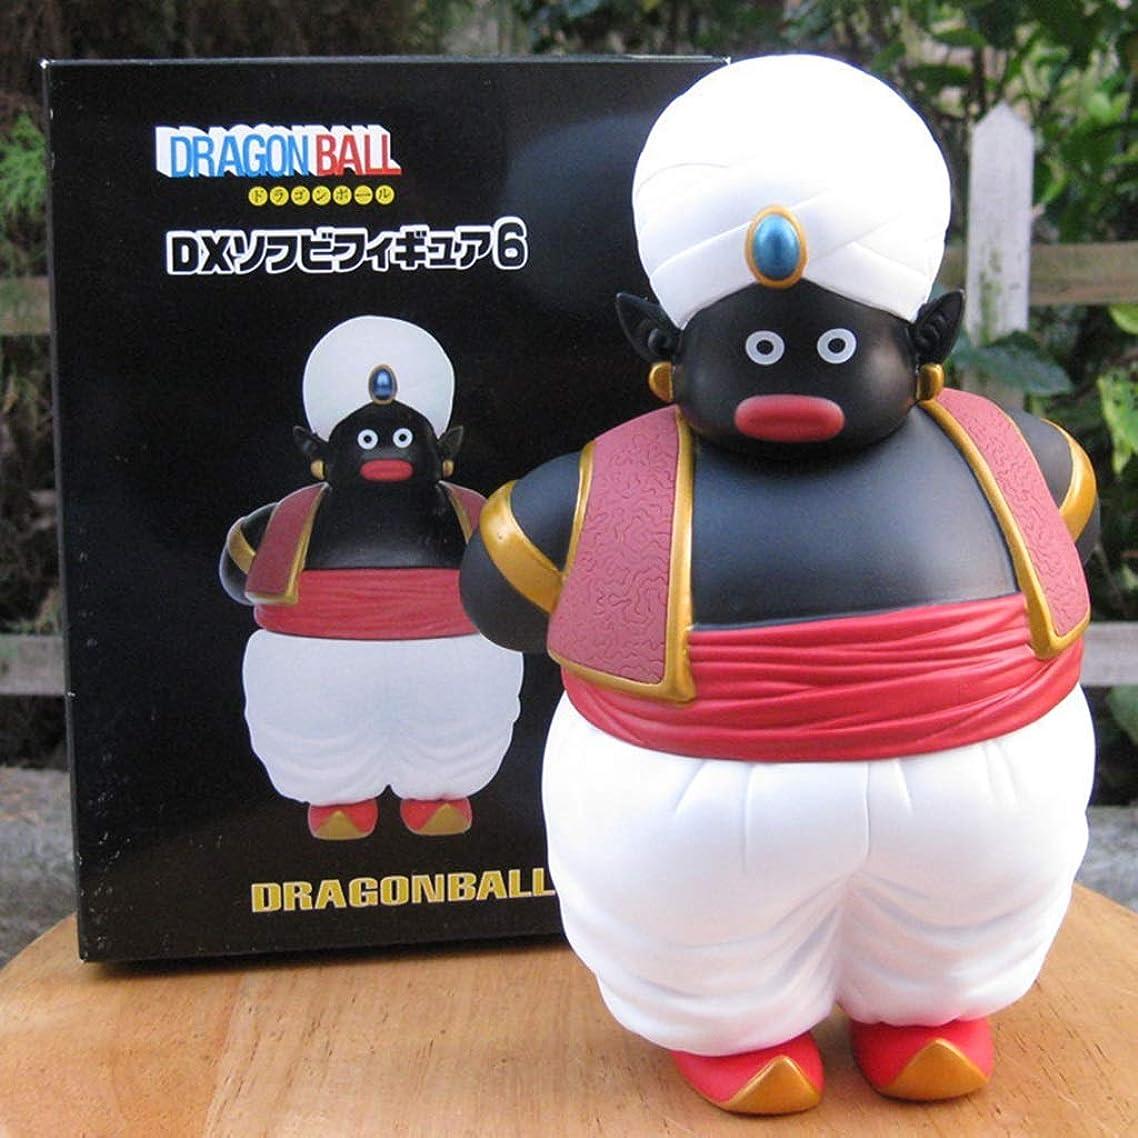 外部間違い近代化フィギュアドラゴンボールモデル、ボボーおもちゃコレクションスタチュー、卓上装飾玩具スタチュー玩具モデル(21cm) SHWSM